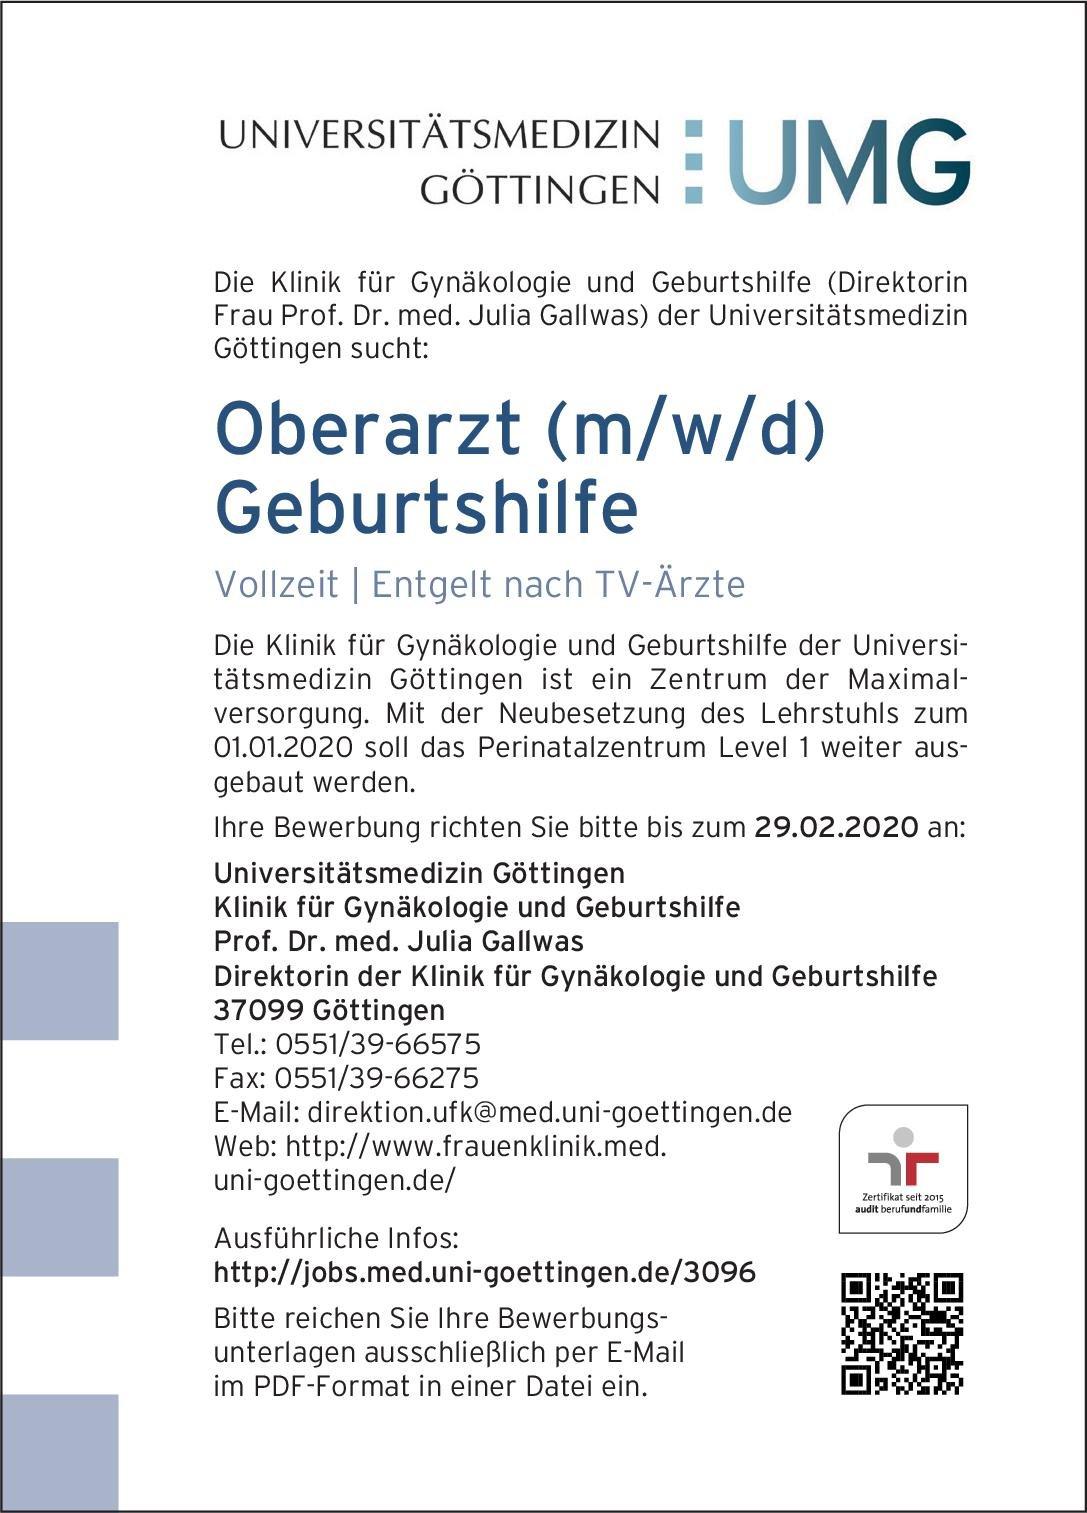 Universitätsmedizin Göttingen Oberarzt (m/w/d) Geburtshilfe  Frauenheilkunde und Geburtshilfe, Frauenheilkunde und Geburtshilfe Oberarzt